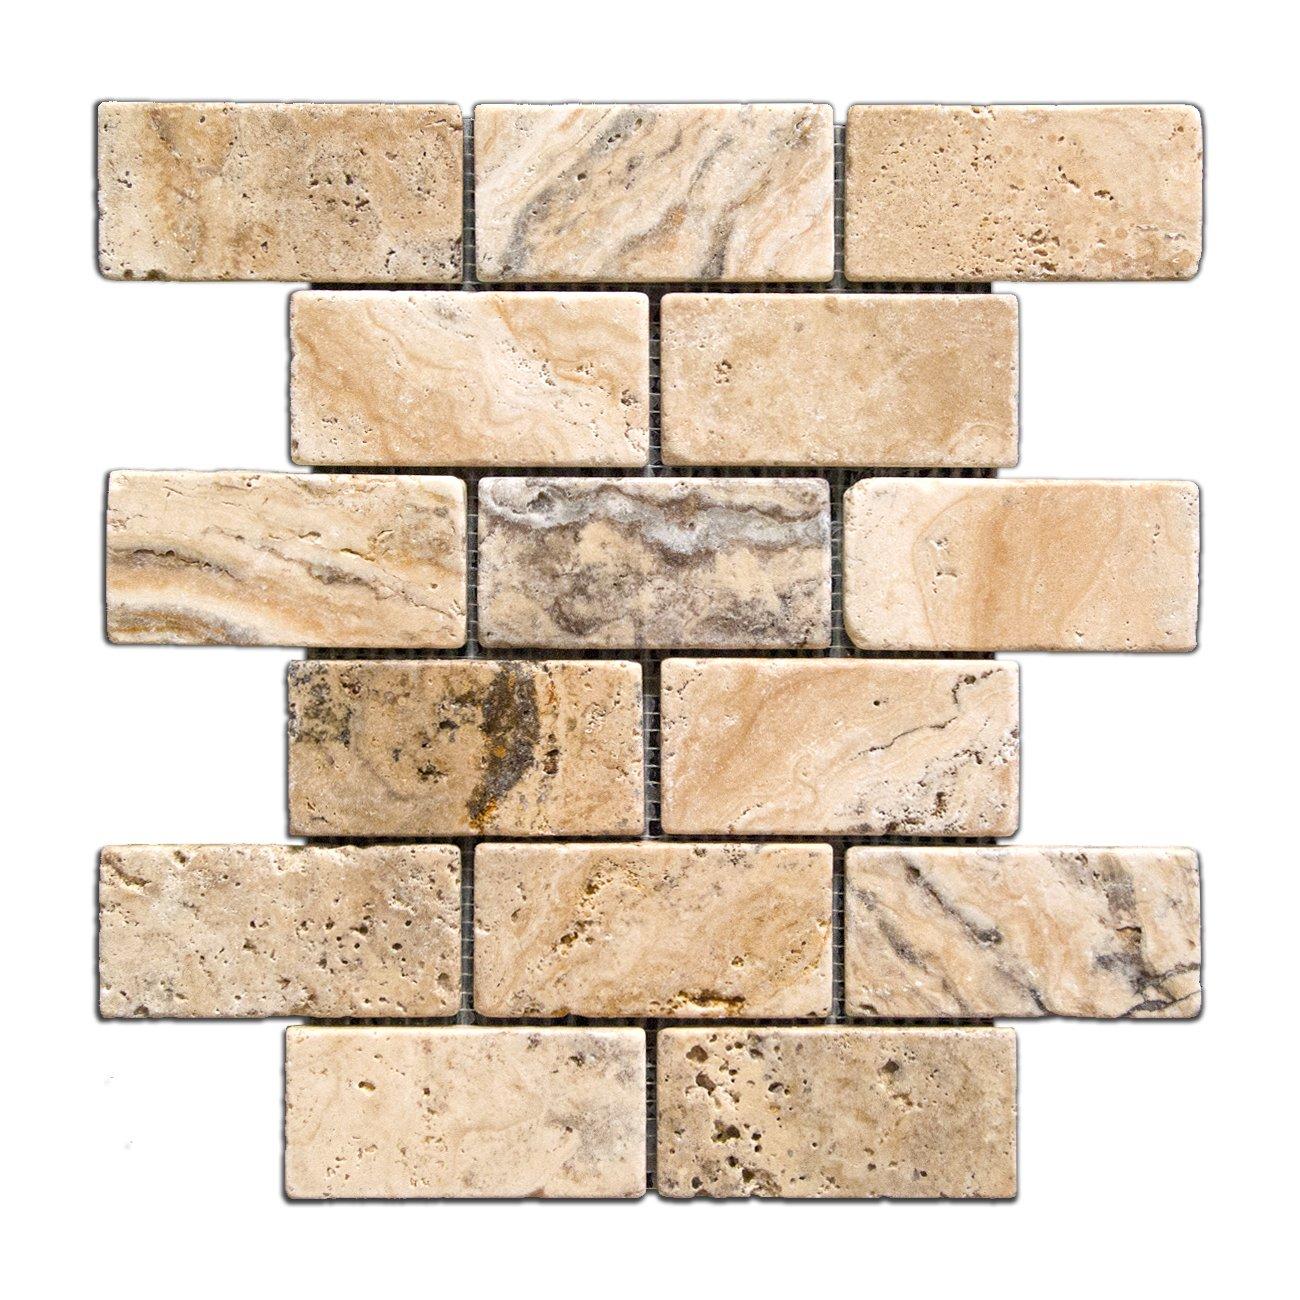 Philadelphia 2 X 4 Tumbled Travertine Brick Mosaic Tile - Lot of 50 Sheets